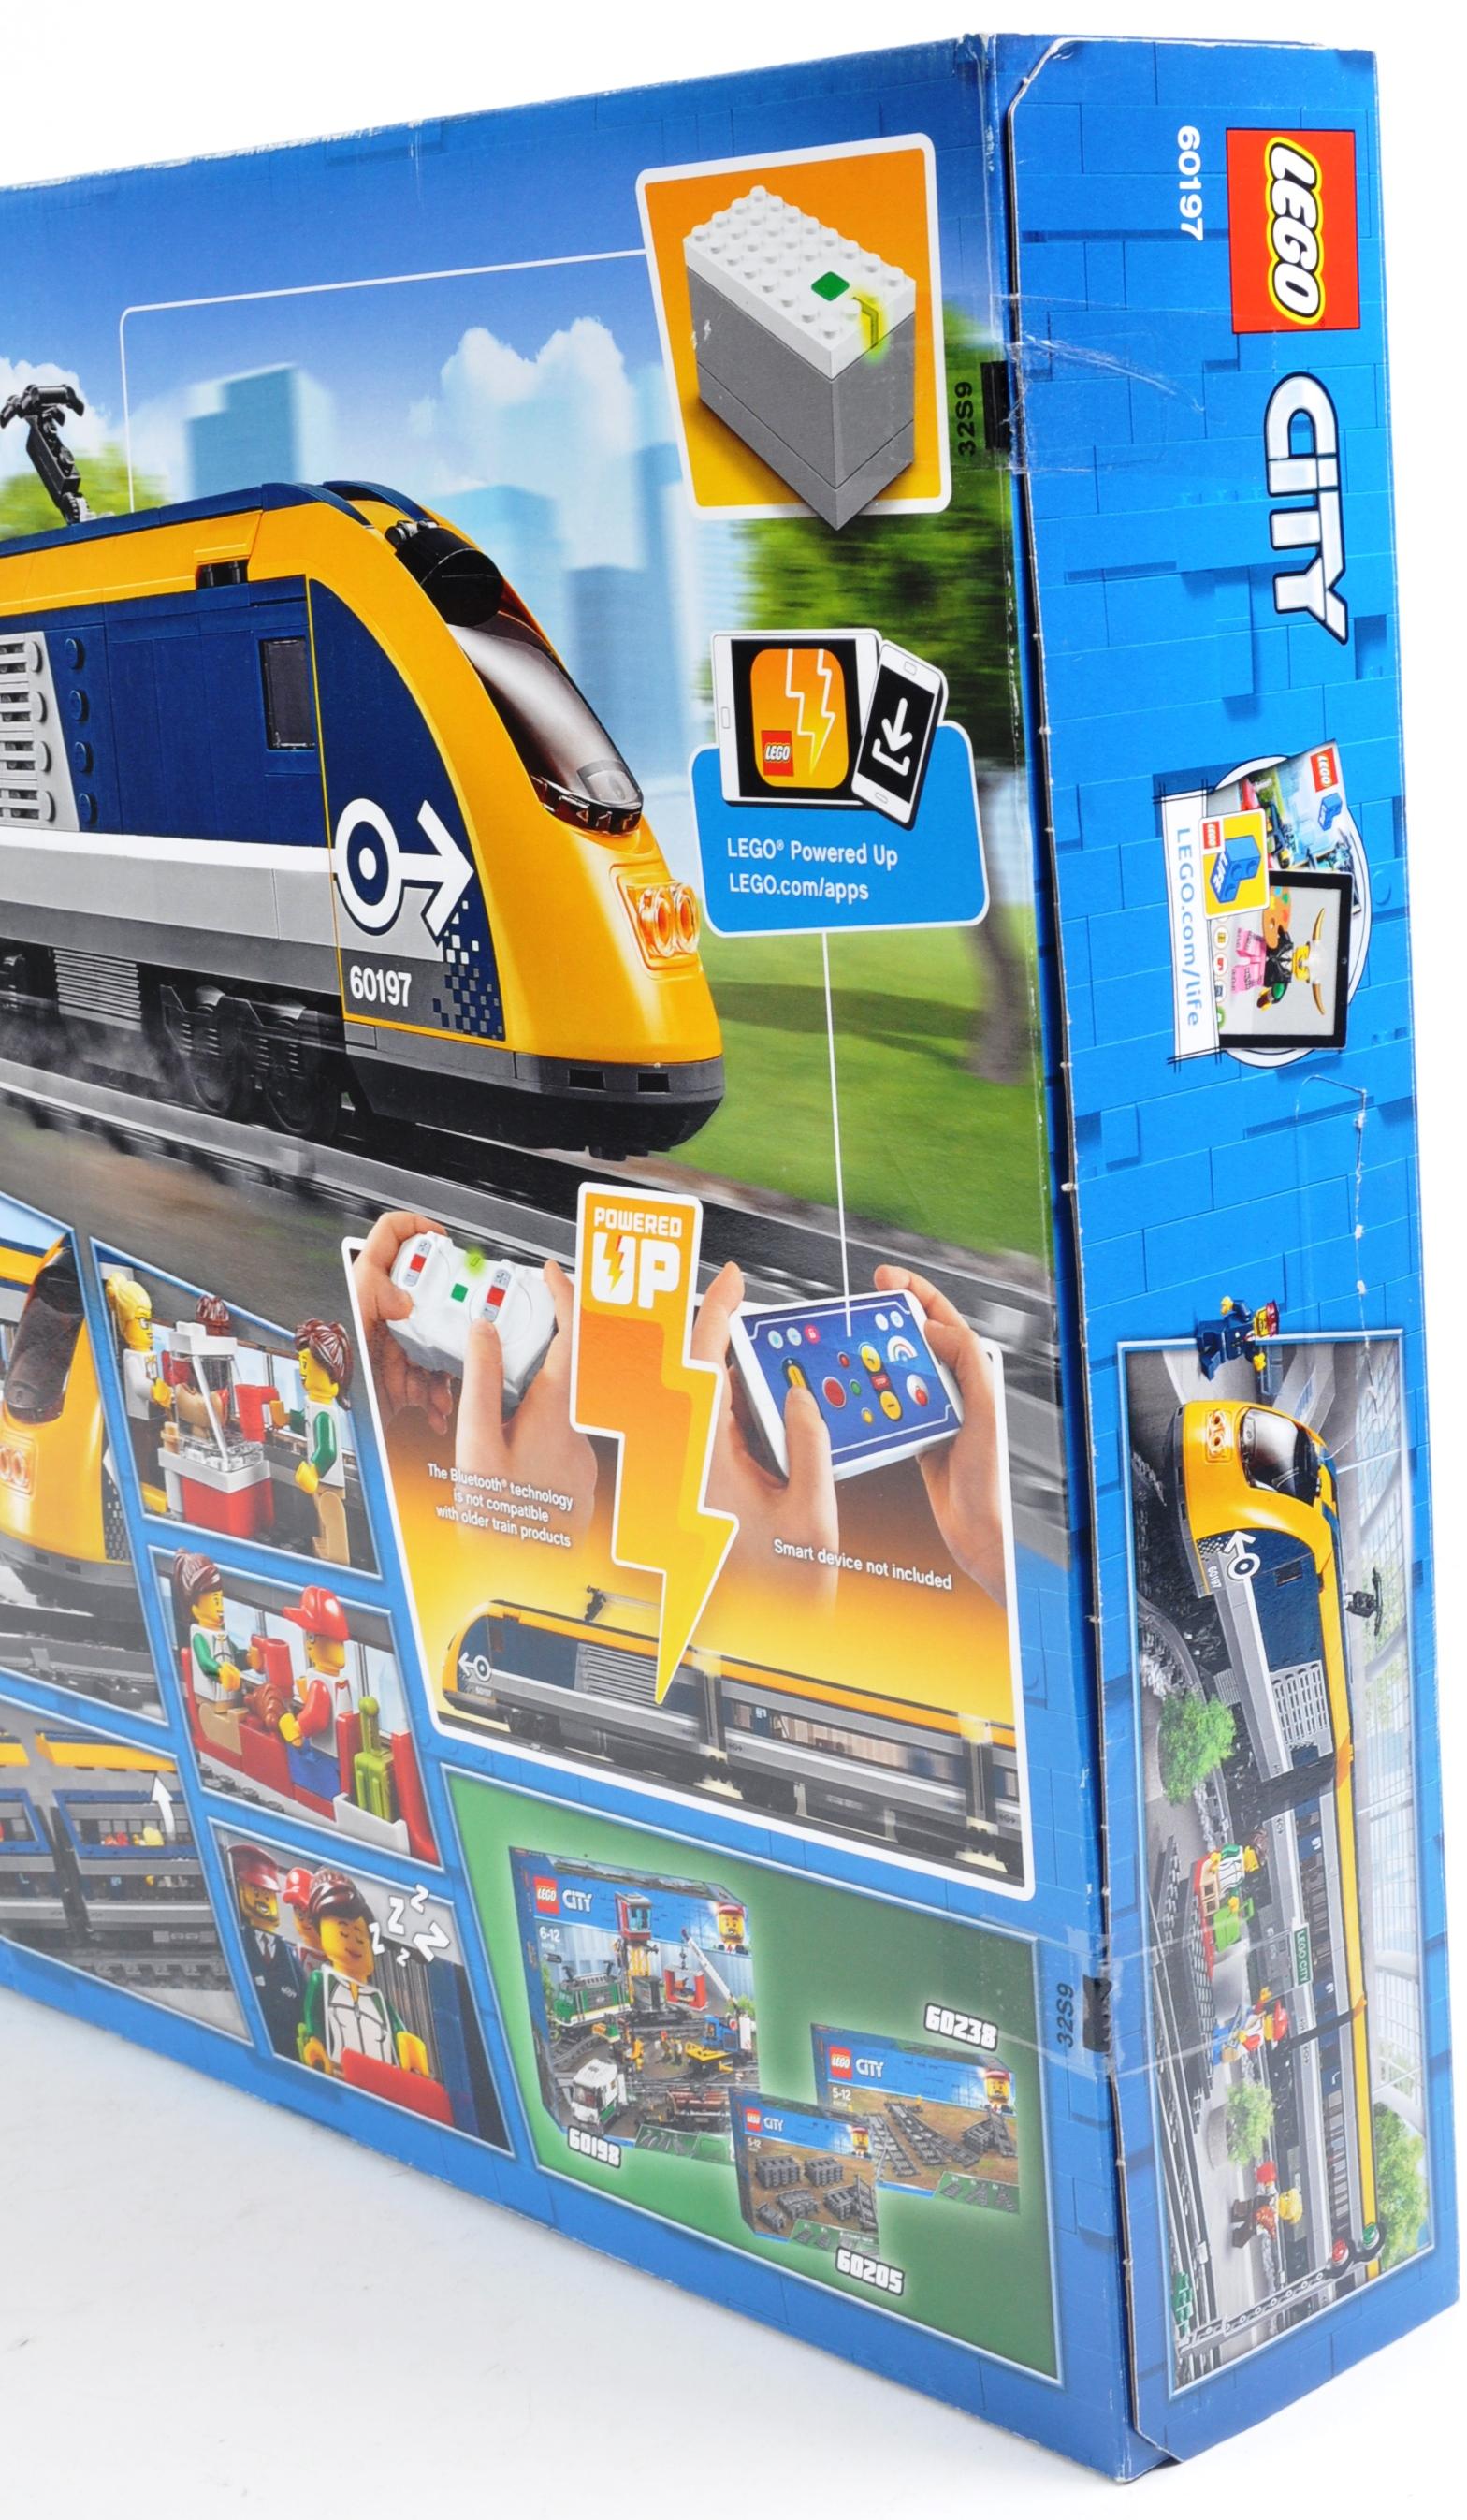 LEGO SET - LEGO CITY - 60197 - PASSENGER TRAIN - Image 3 of 4